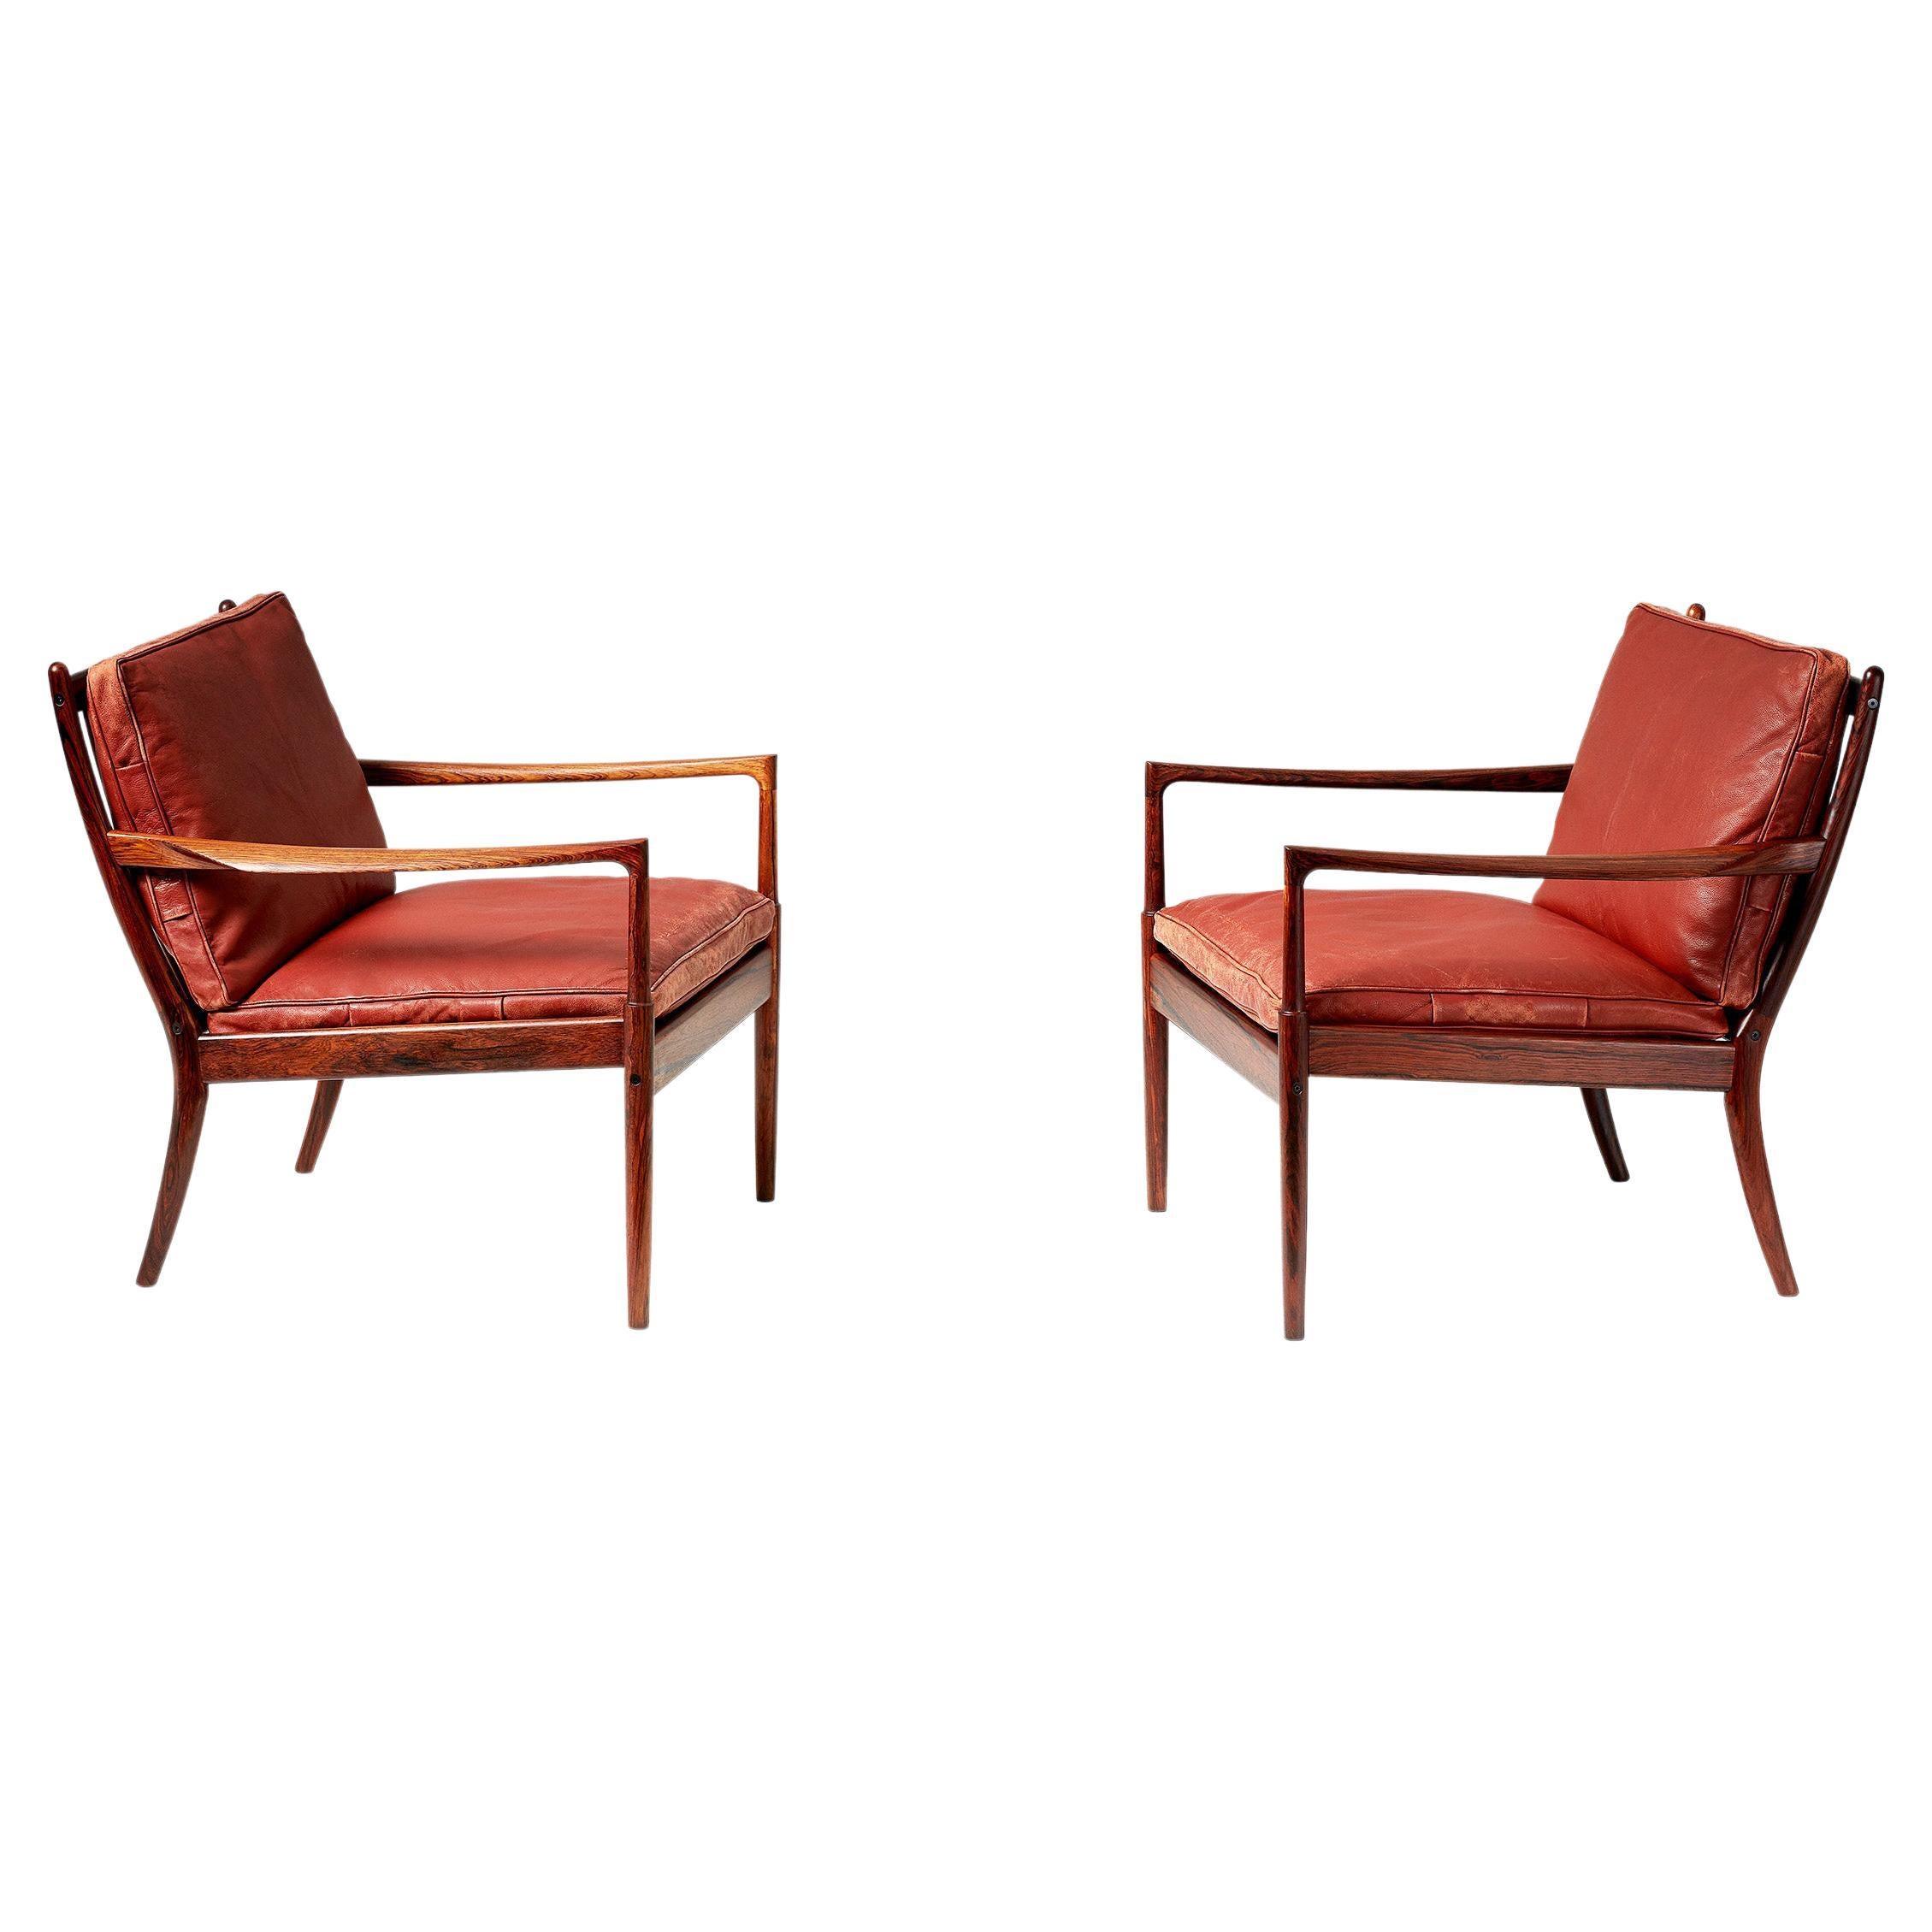 Ib Kofod-Larsen Rosewood Samso Chairs, c1950s